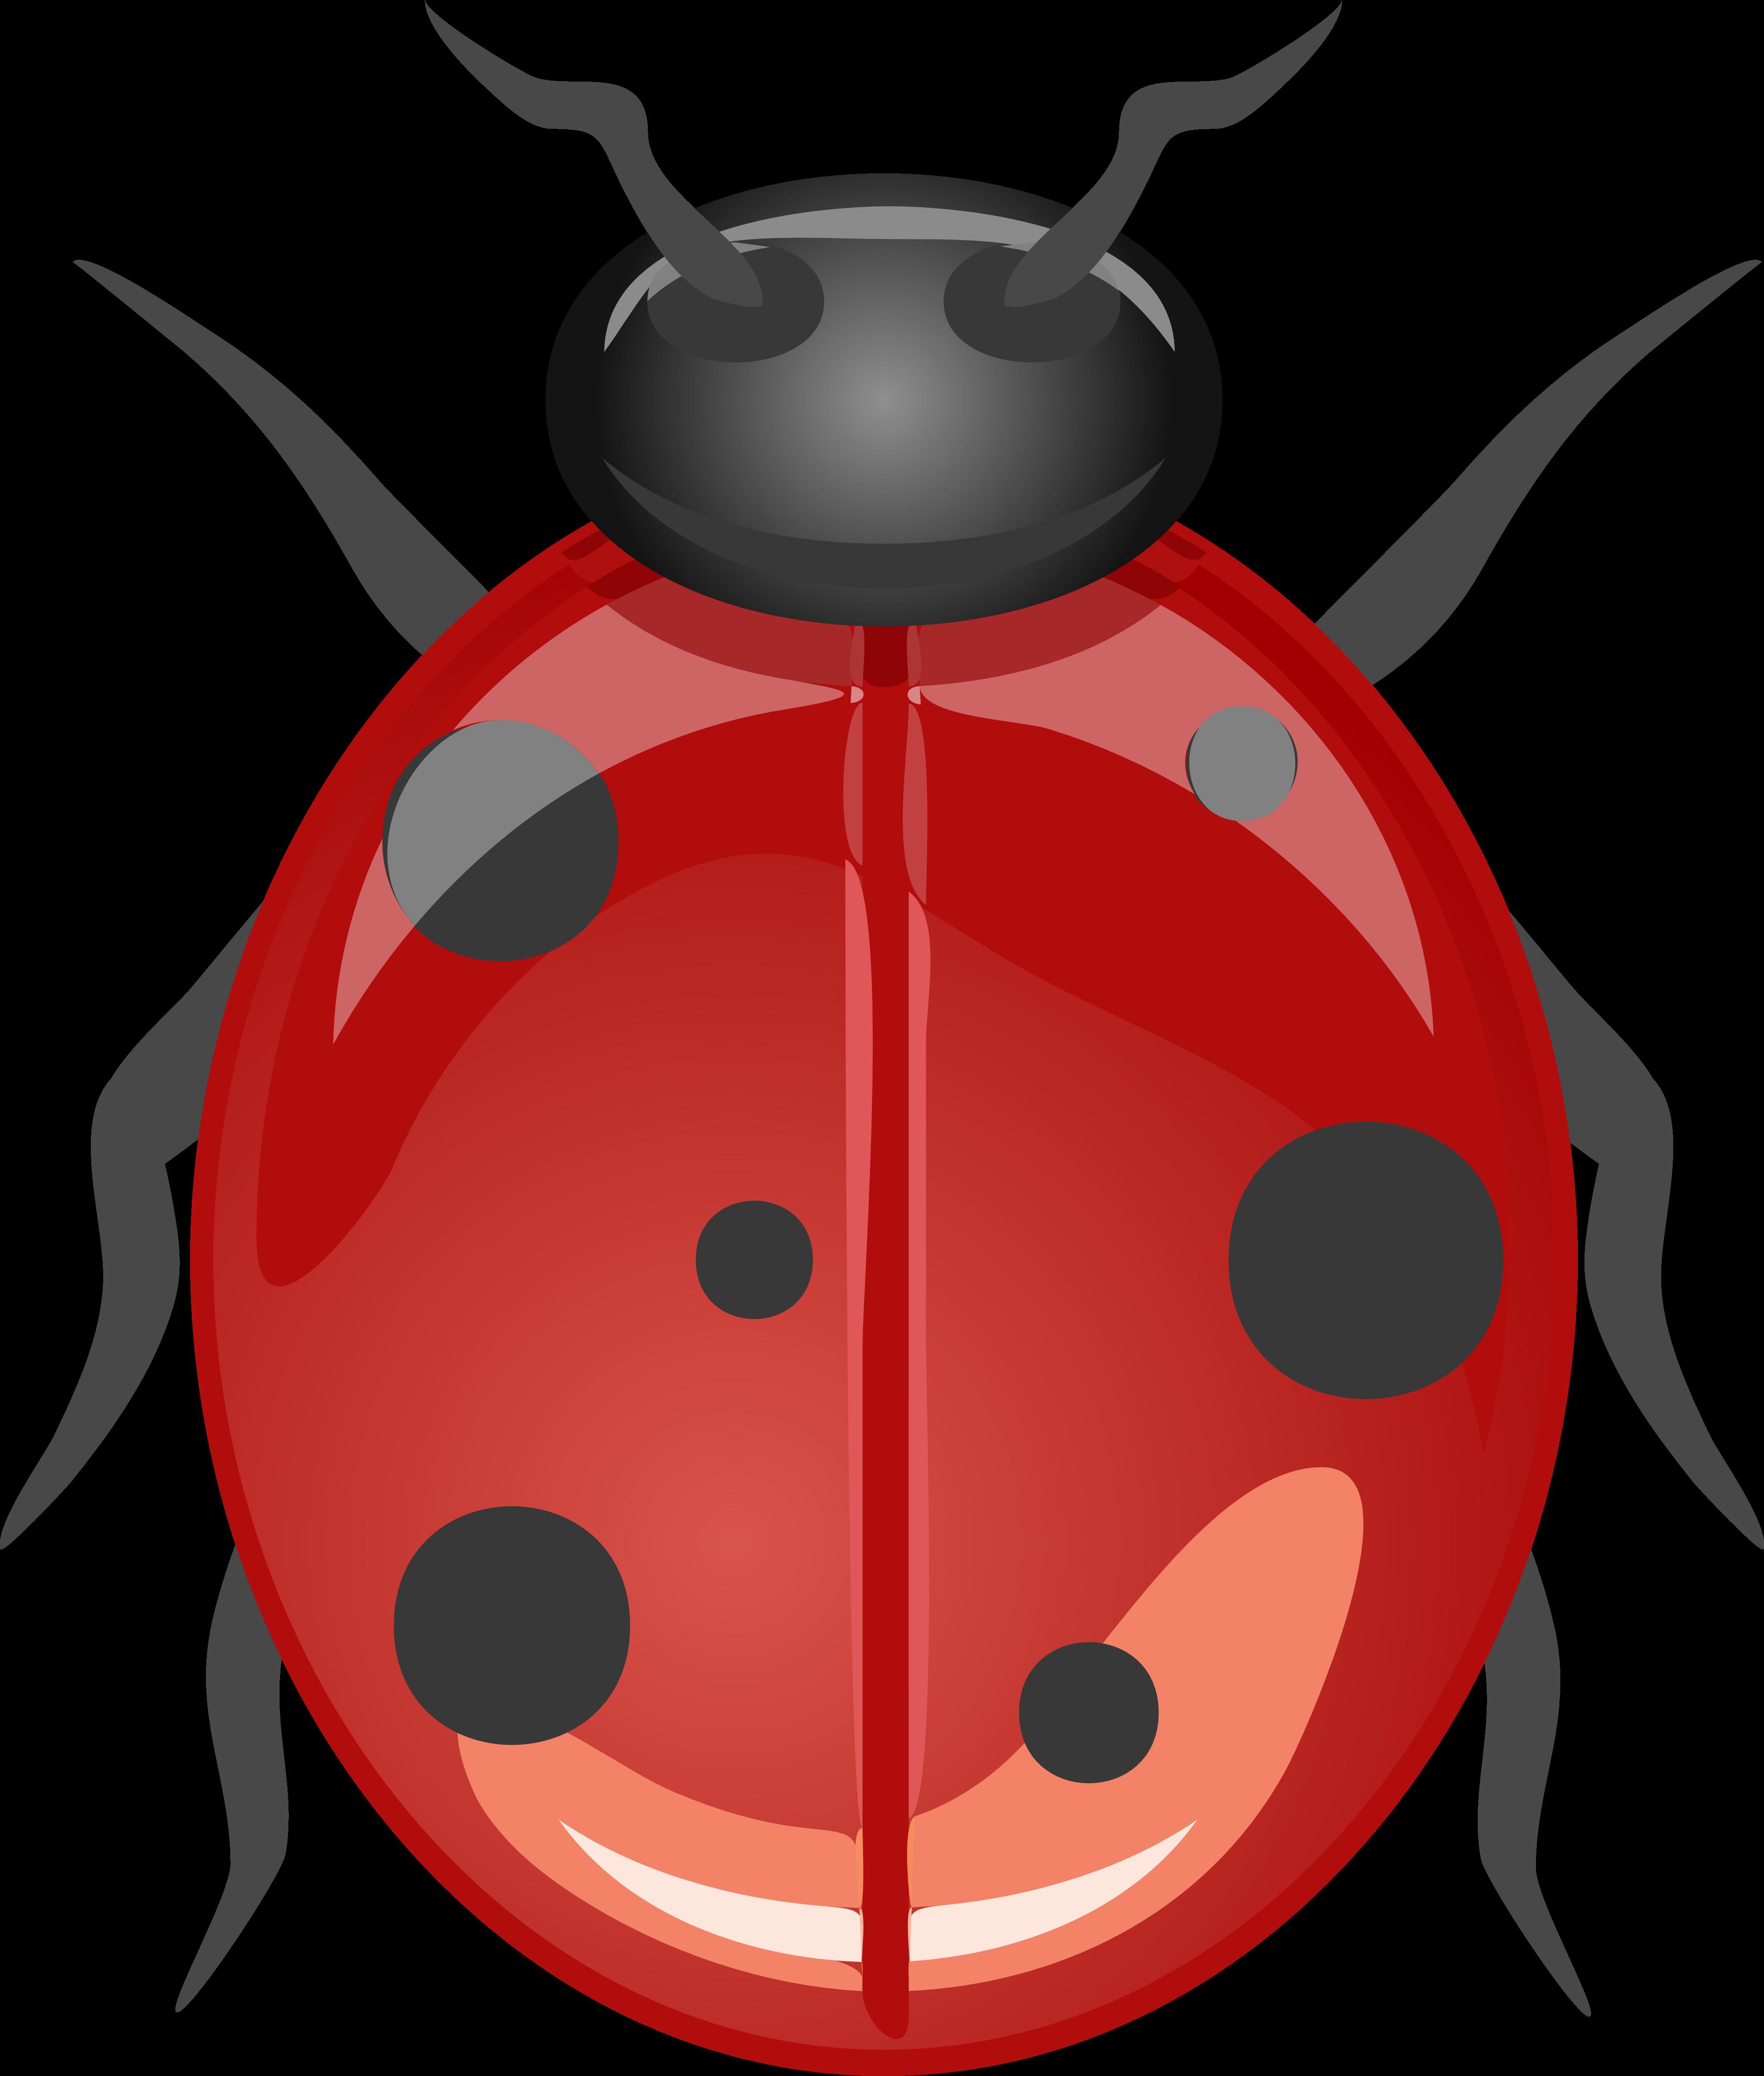 - Lucky Ladybug Clipart Free Image